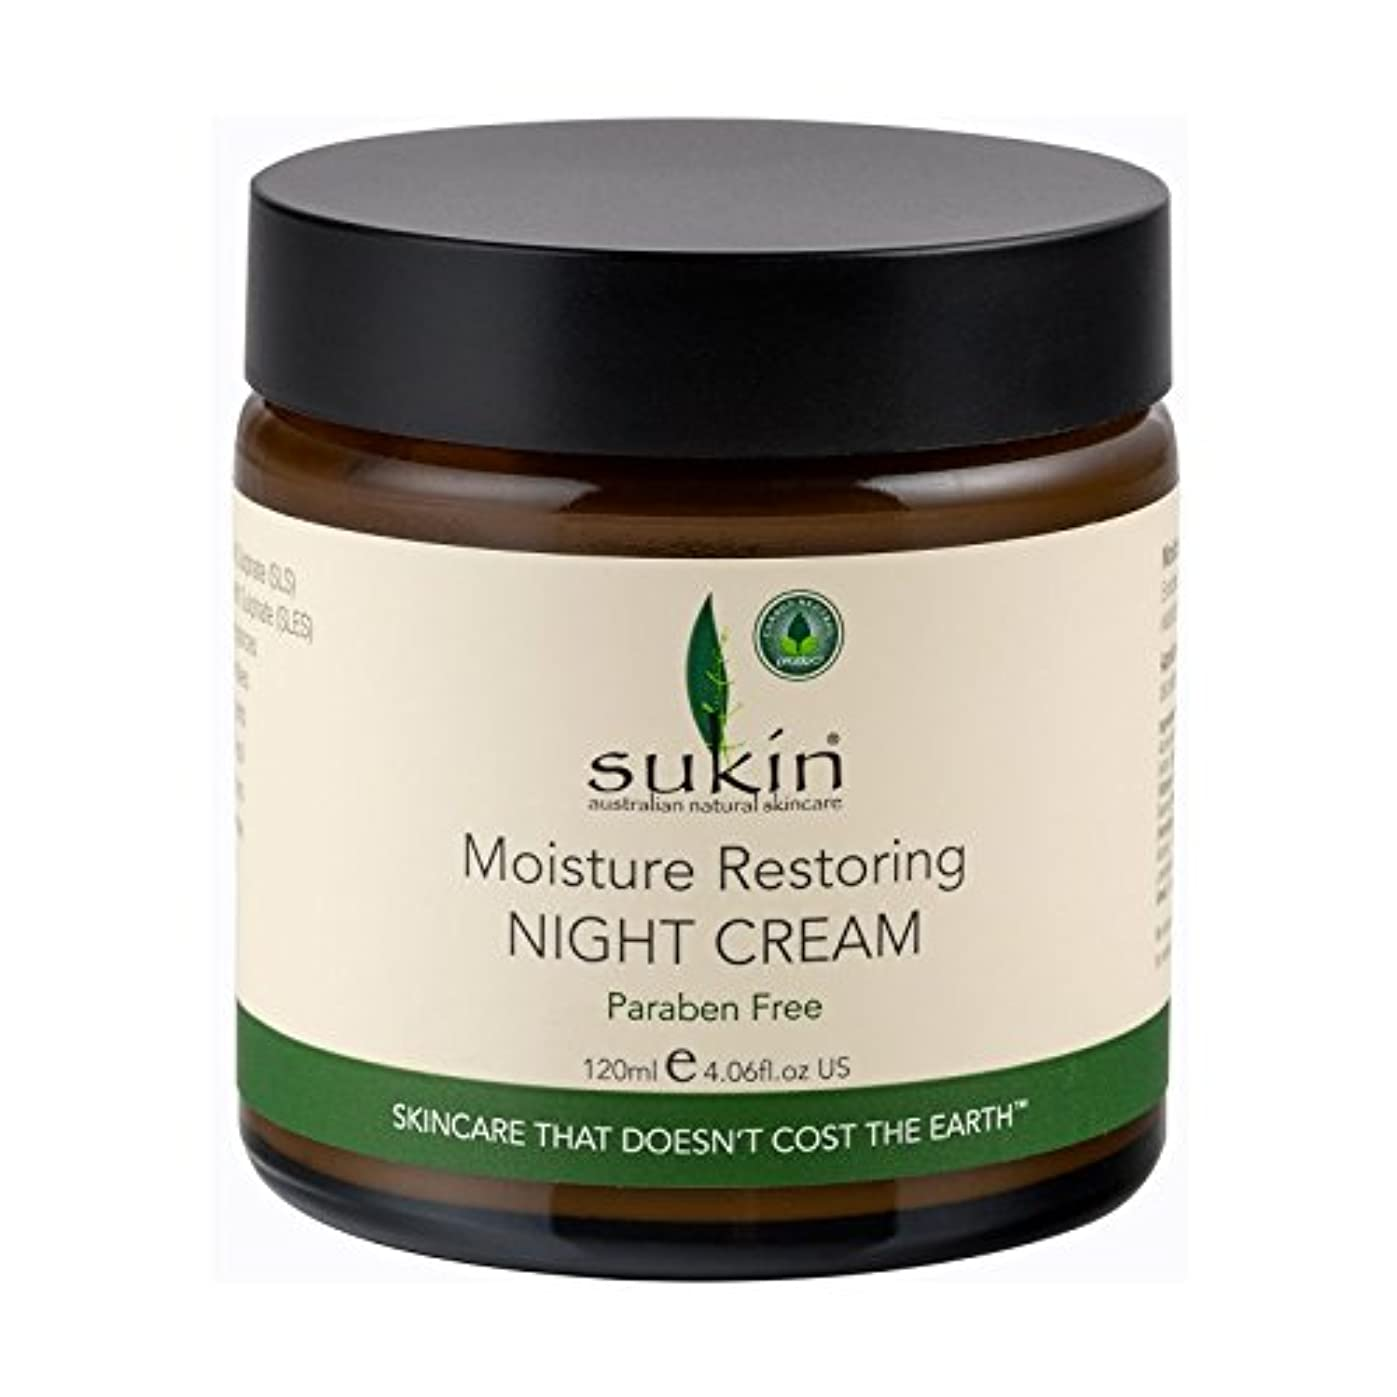 憂慮すべき特徴づける祖父母を訪問[Sukin Moisture Restoring Night Cream] スキン モイスチャーナイトクリーム